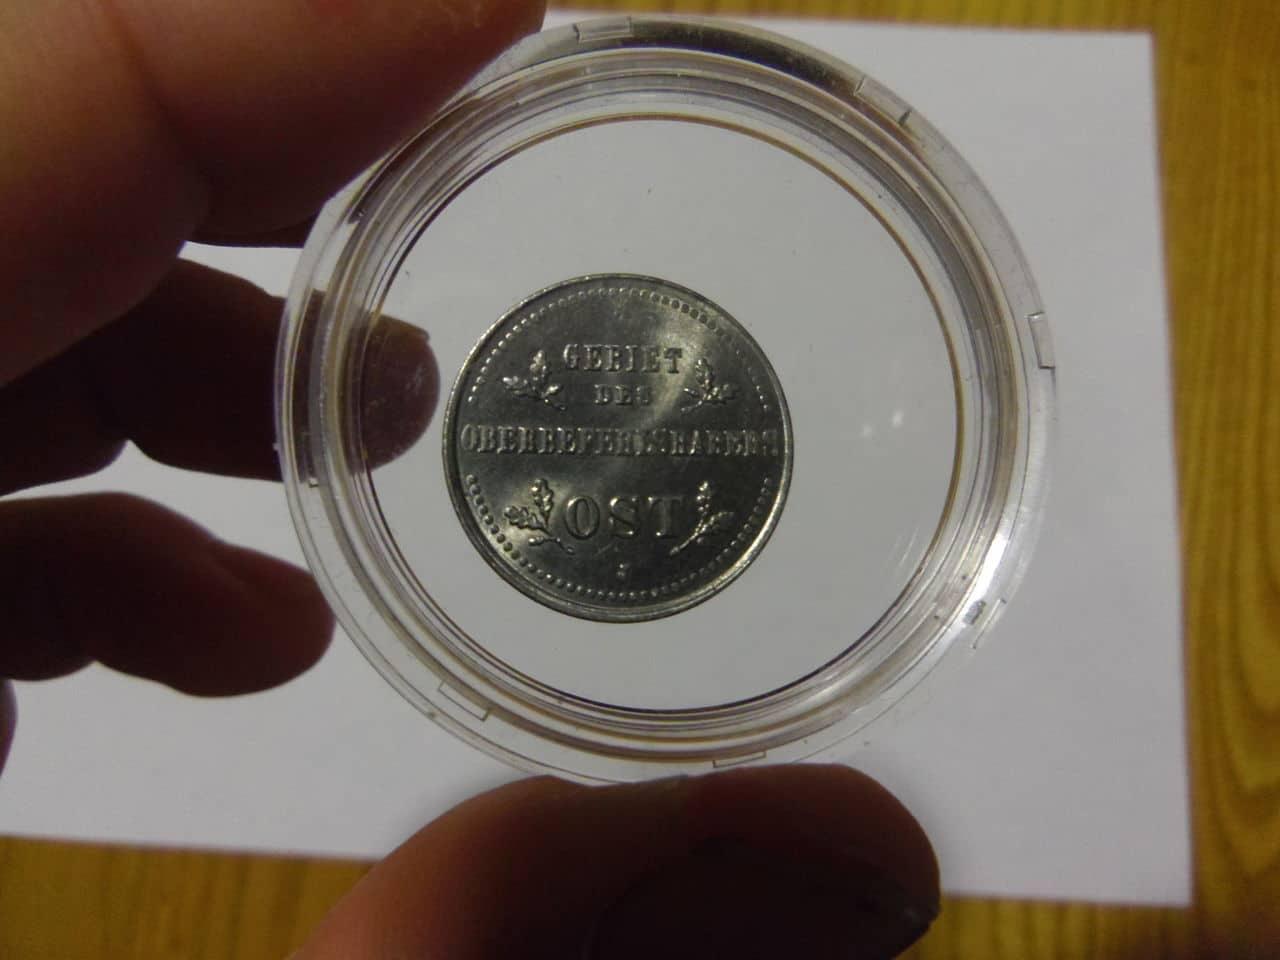 Moneda Alemana (con cruz de hierro) 1 kopek Acuñada en 1916 para Rusia ocupada. KOPEK_ALEMAN_1916_REVERSO